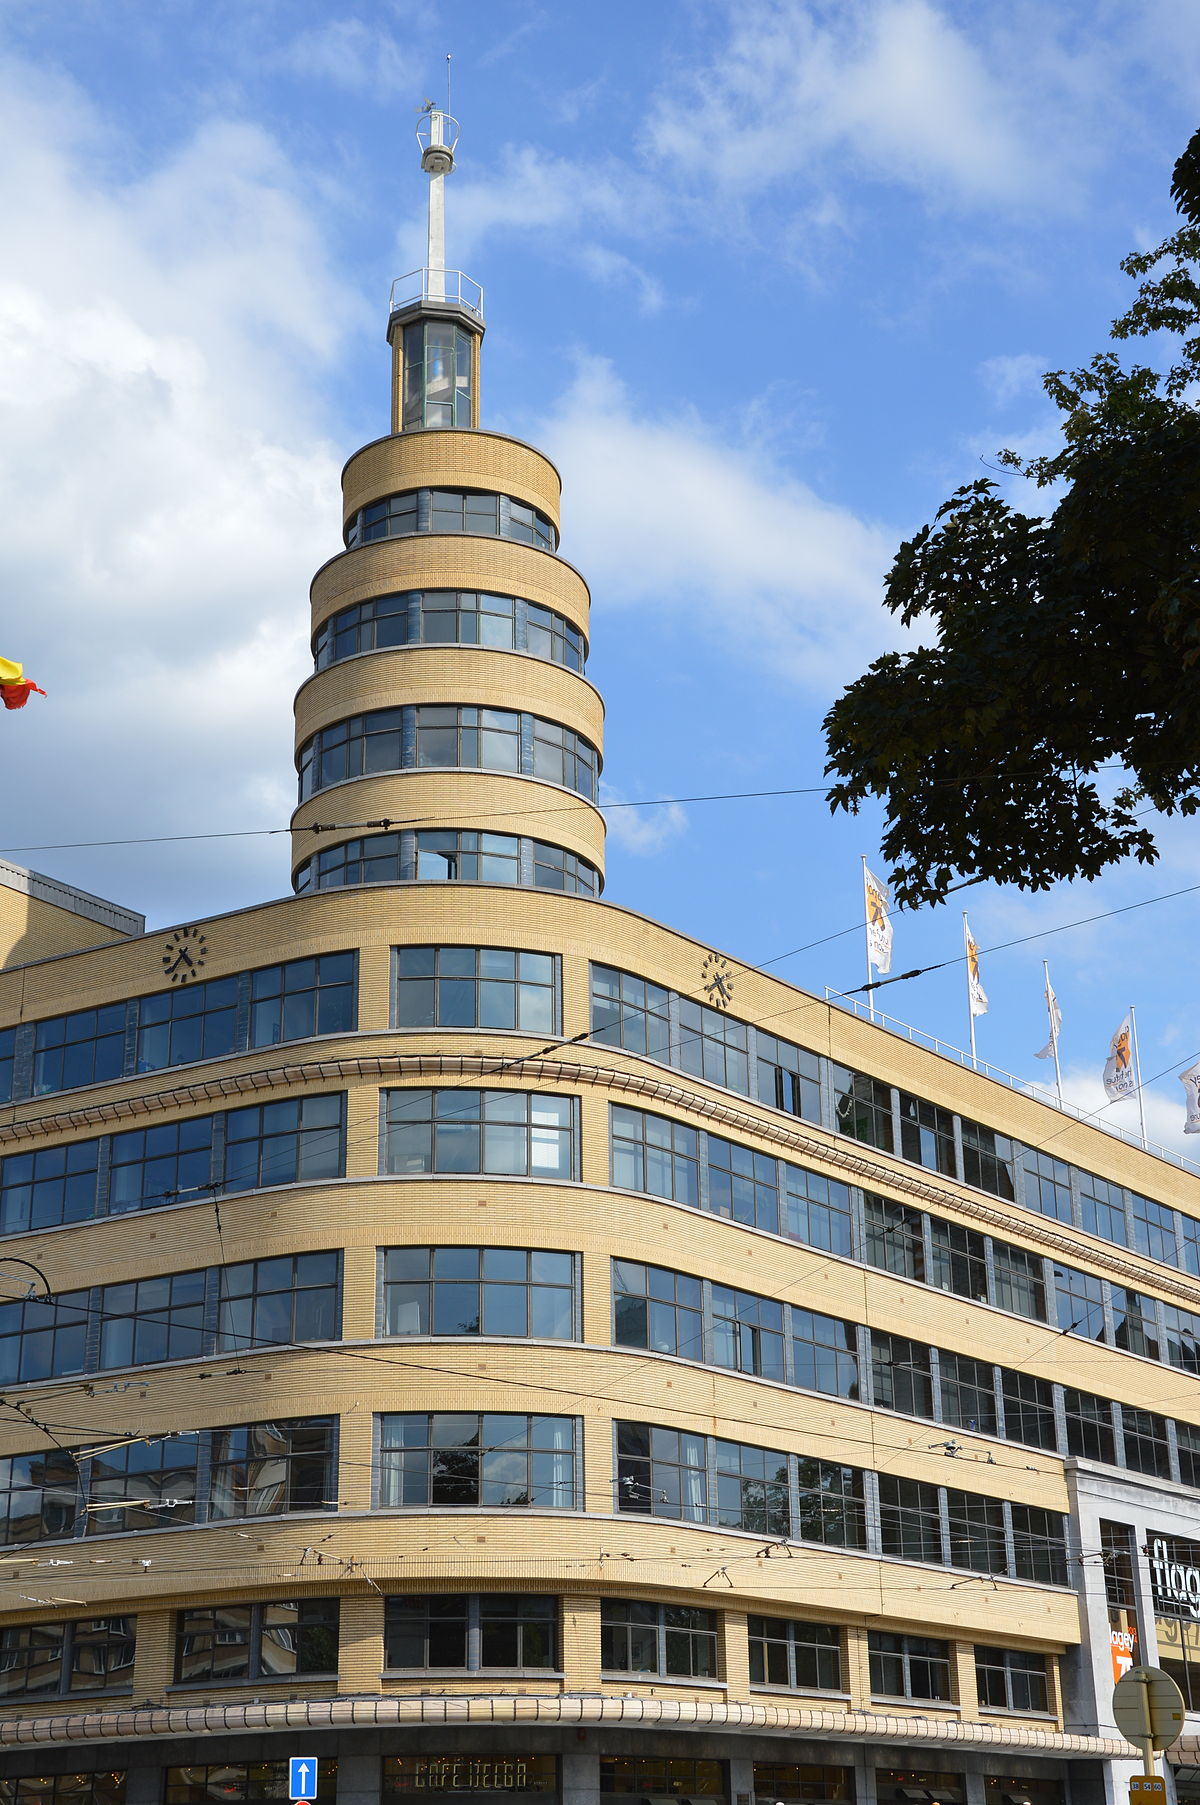 Maison de la radio belgique wikip dia for Adresse maison de la radio